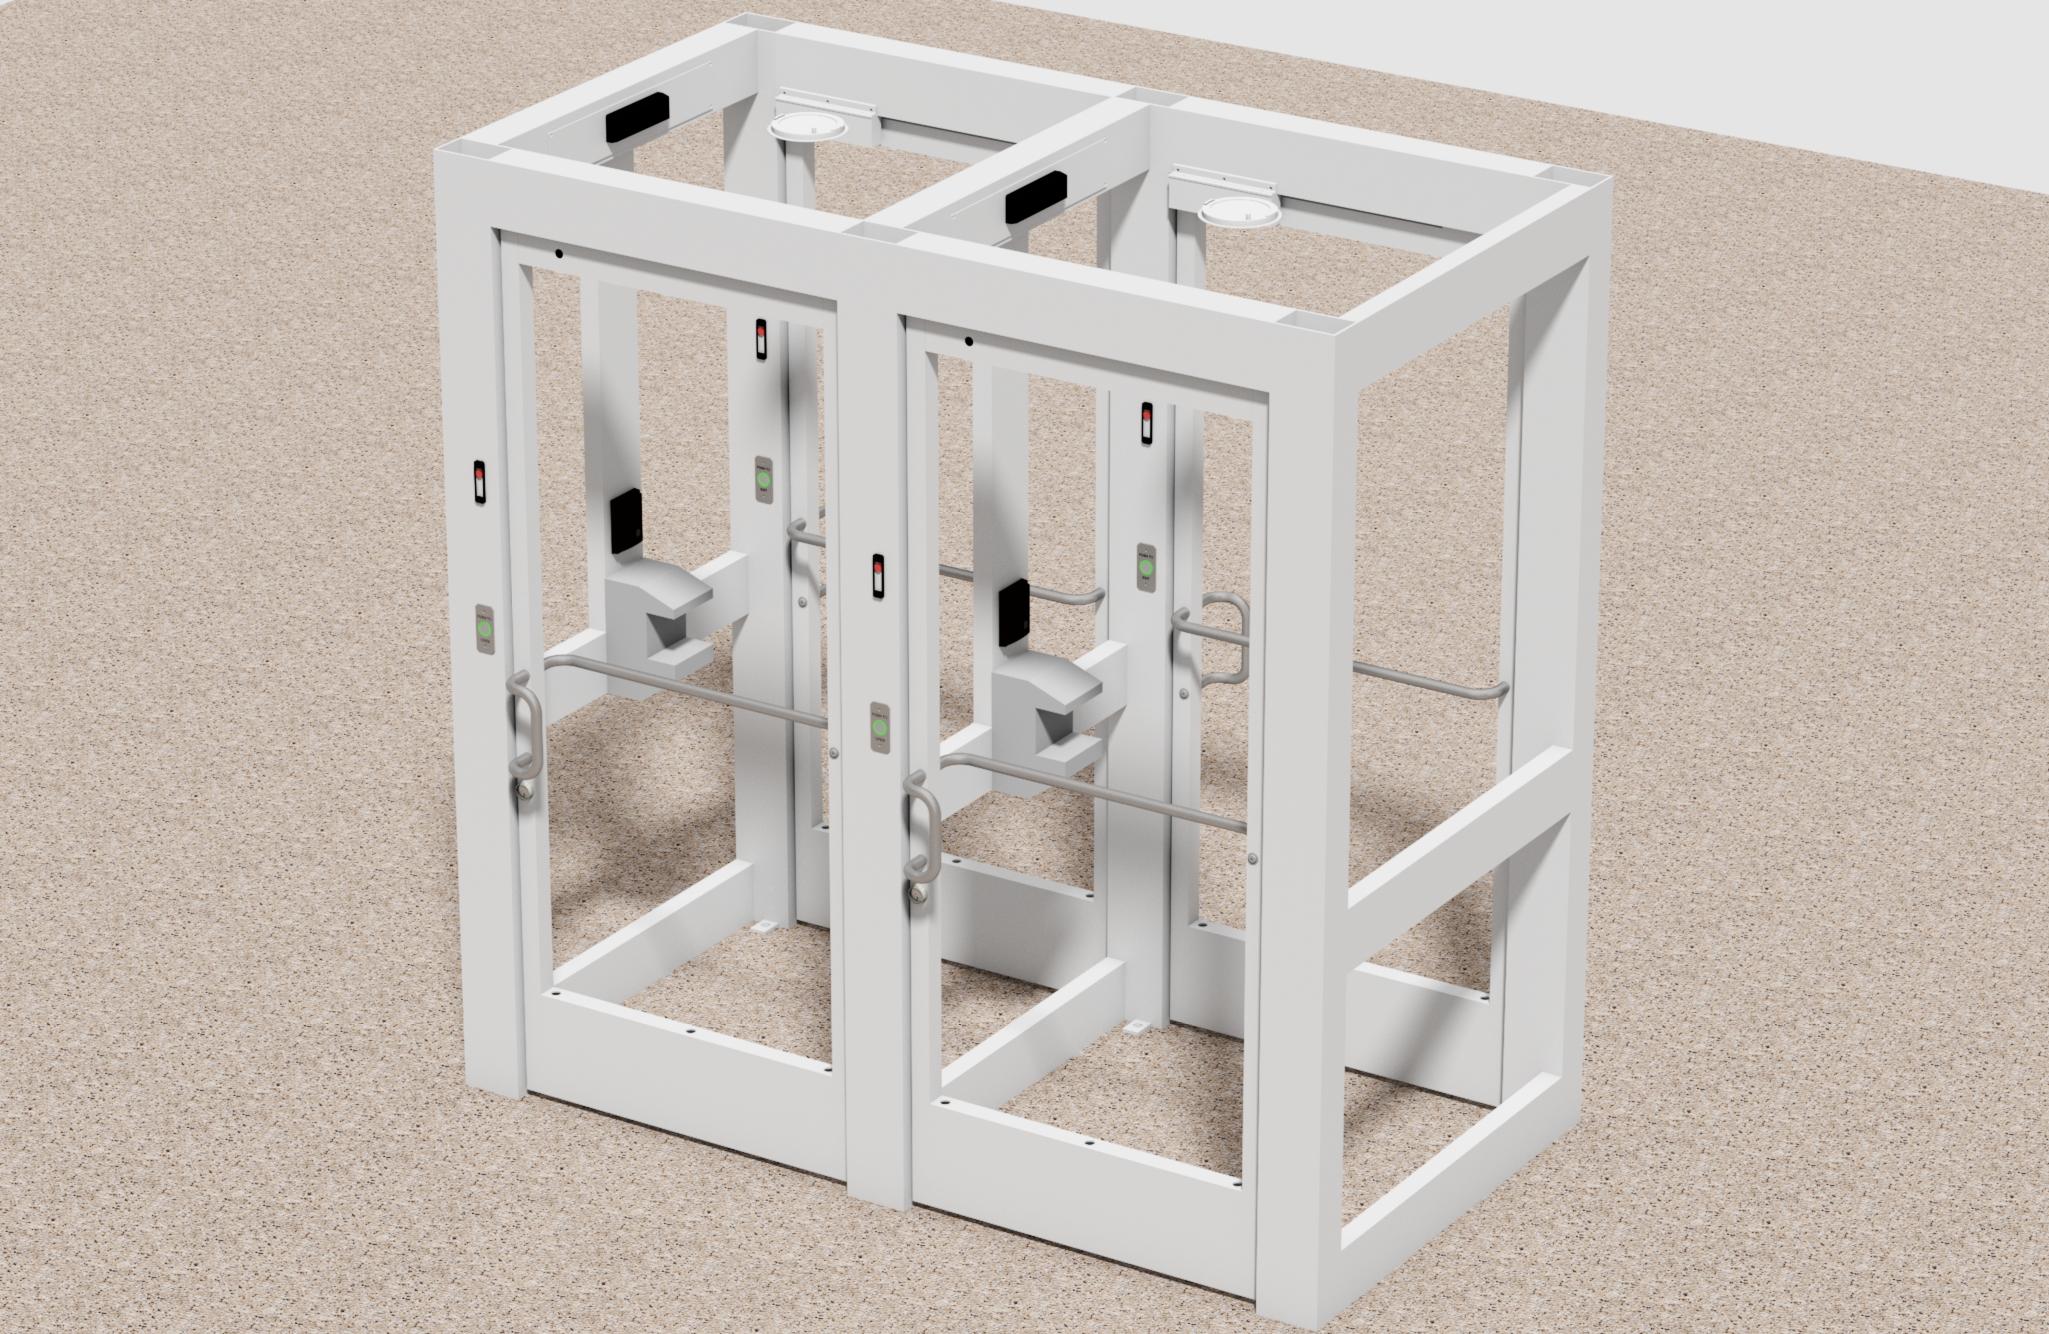 Model 4890D Access Control Entrance